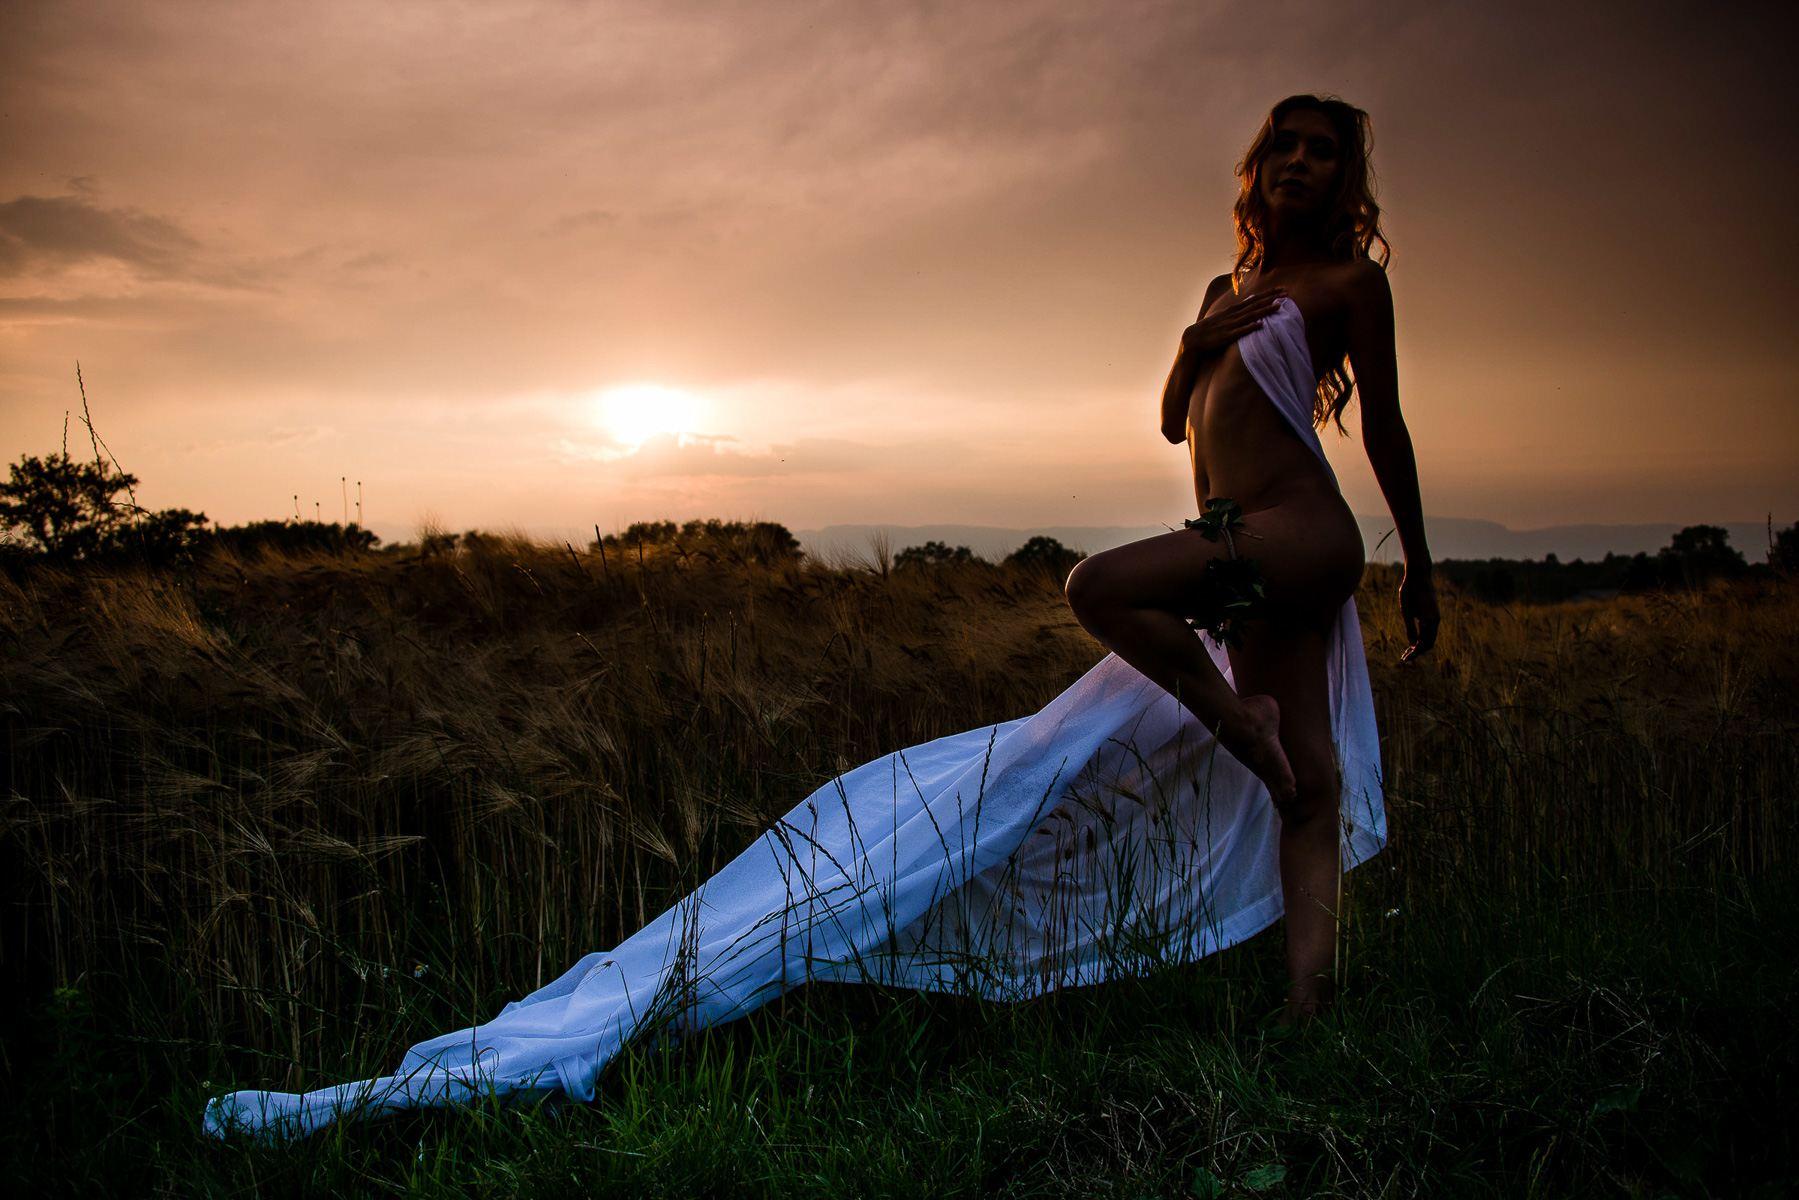 jenny suv femme genève modèle mannequin suisse maquilleuse danseuse nu charme silhouette extérieur